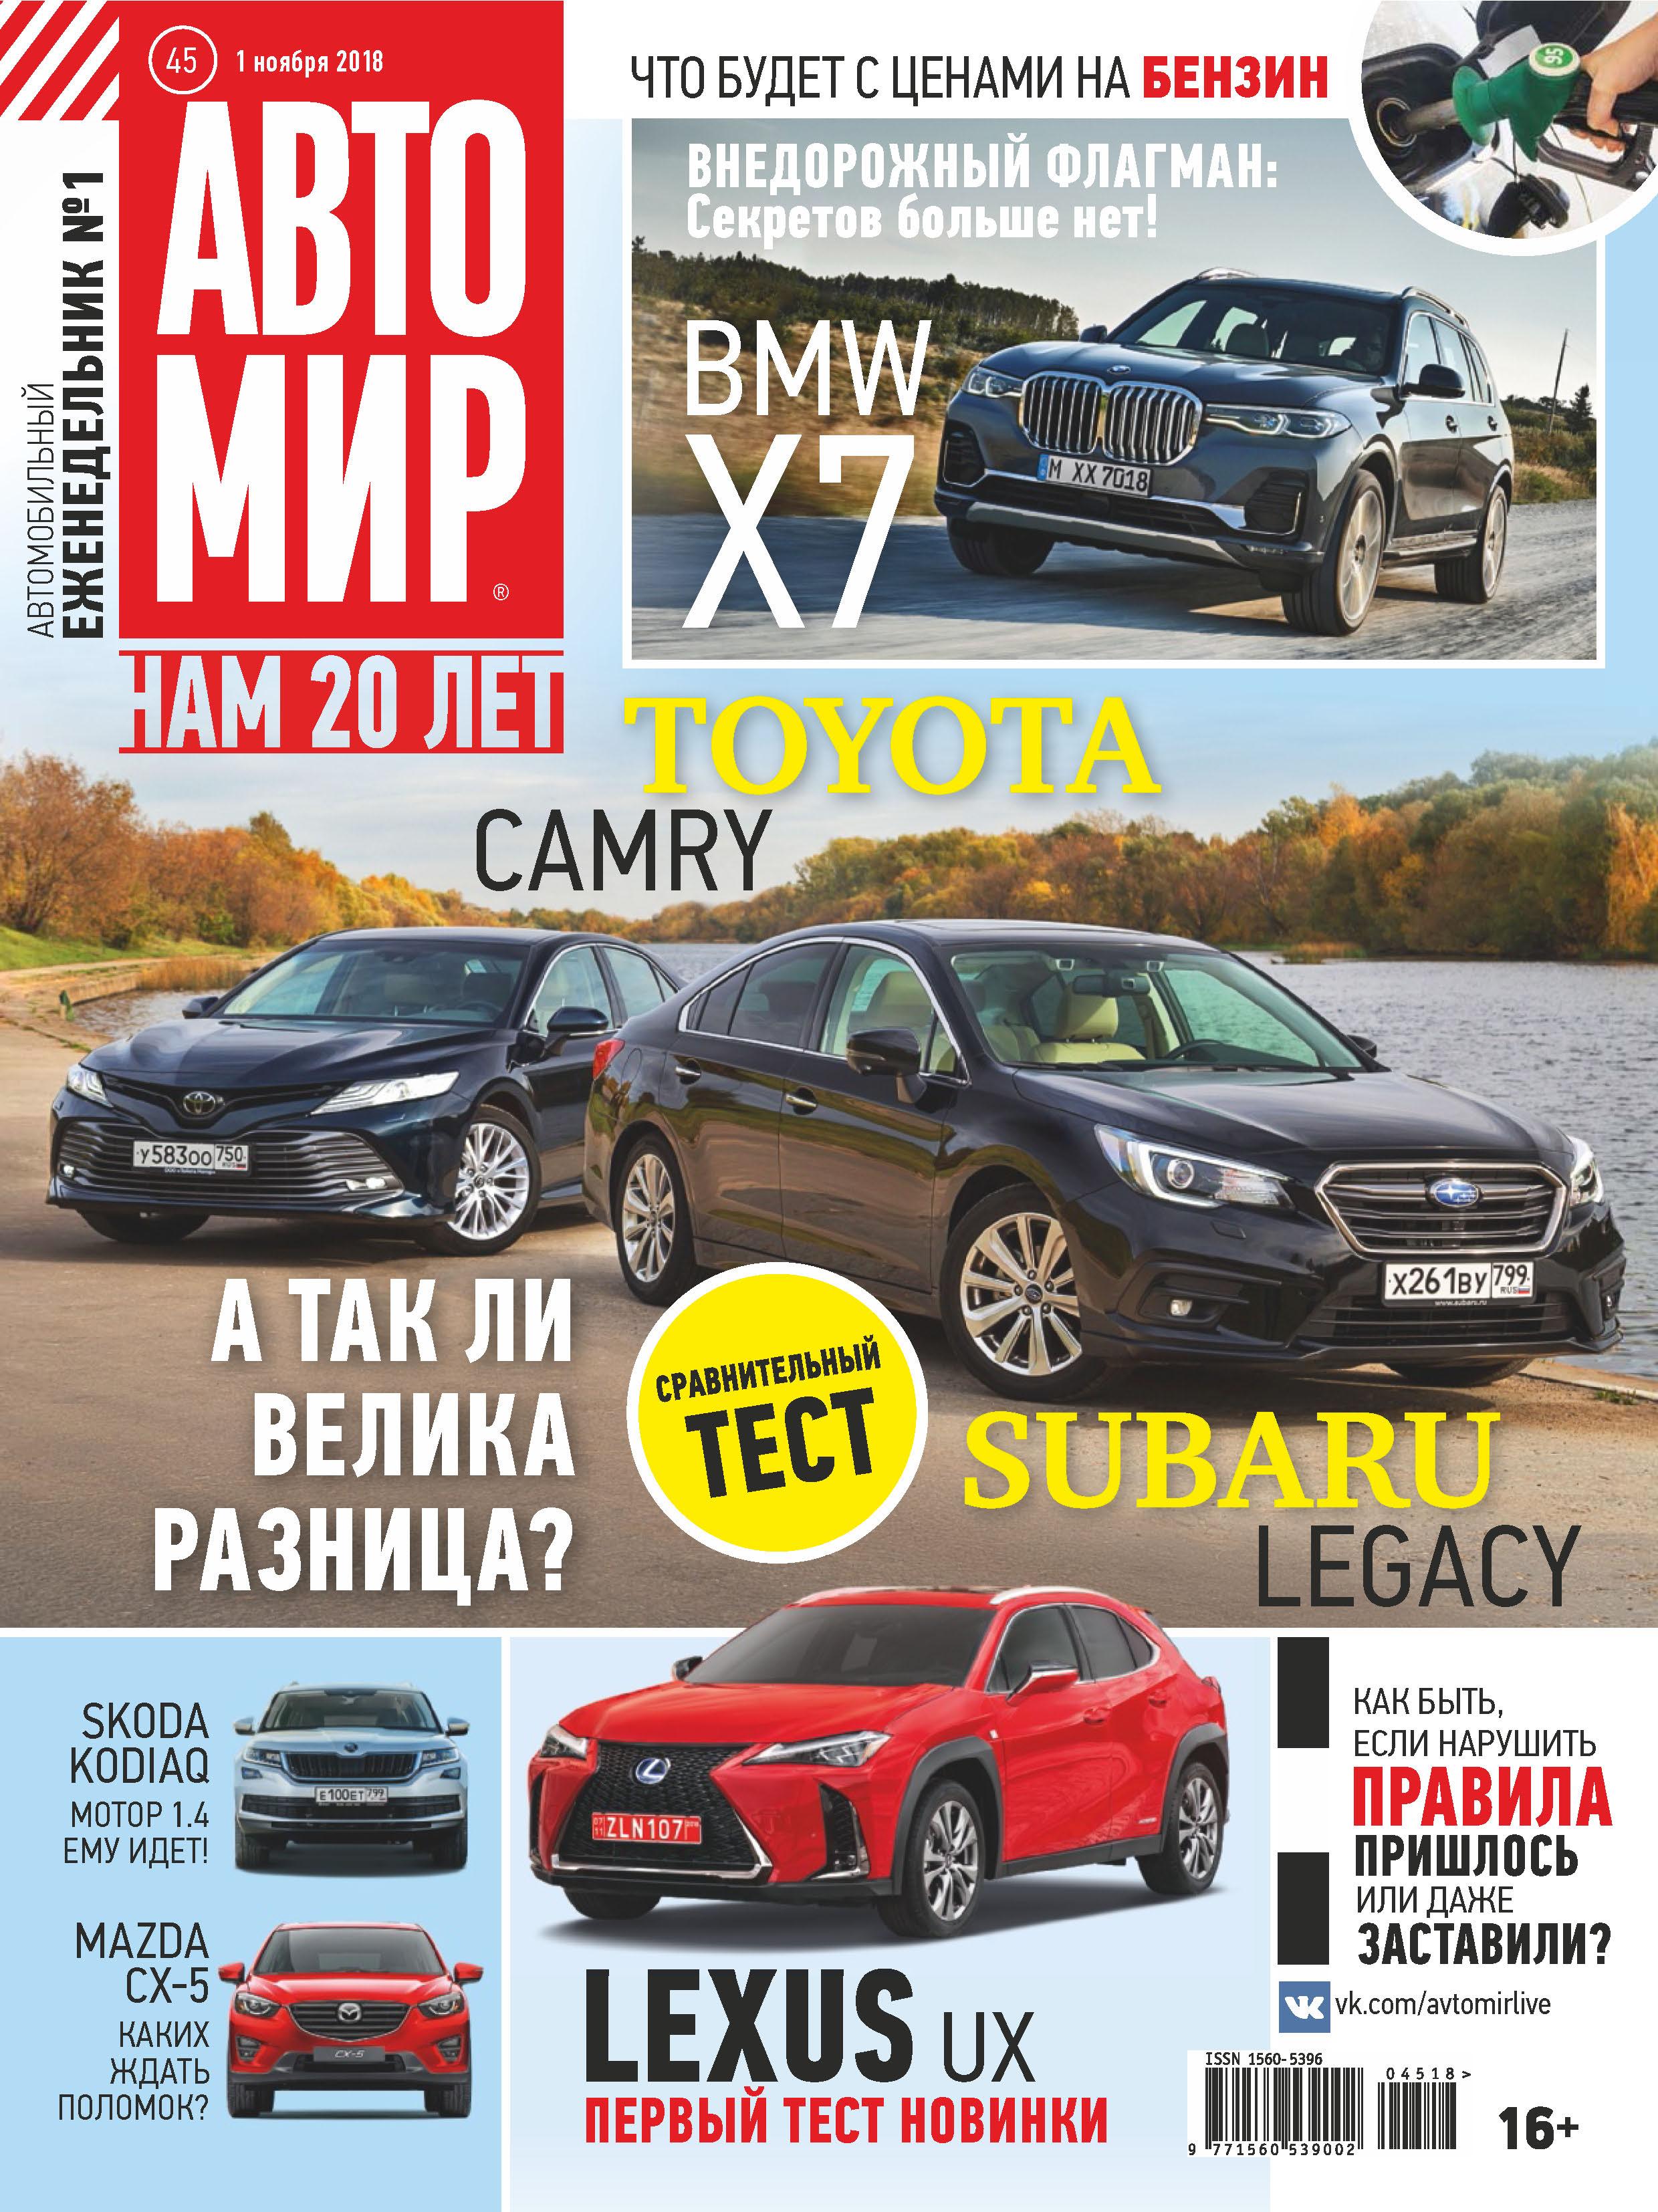 Отсутствует АвтоМир №45/2018 отсутствует автомир 45 2018